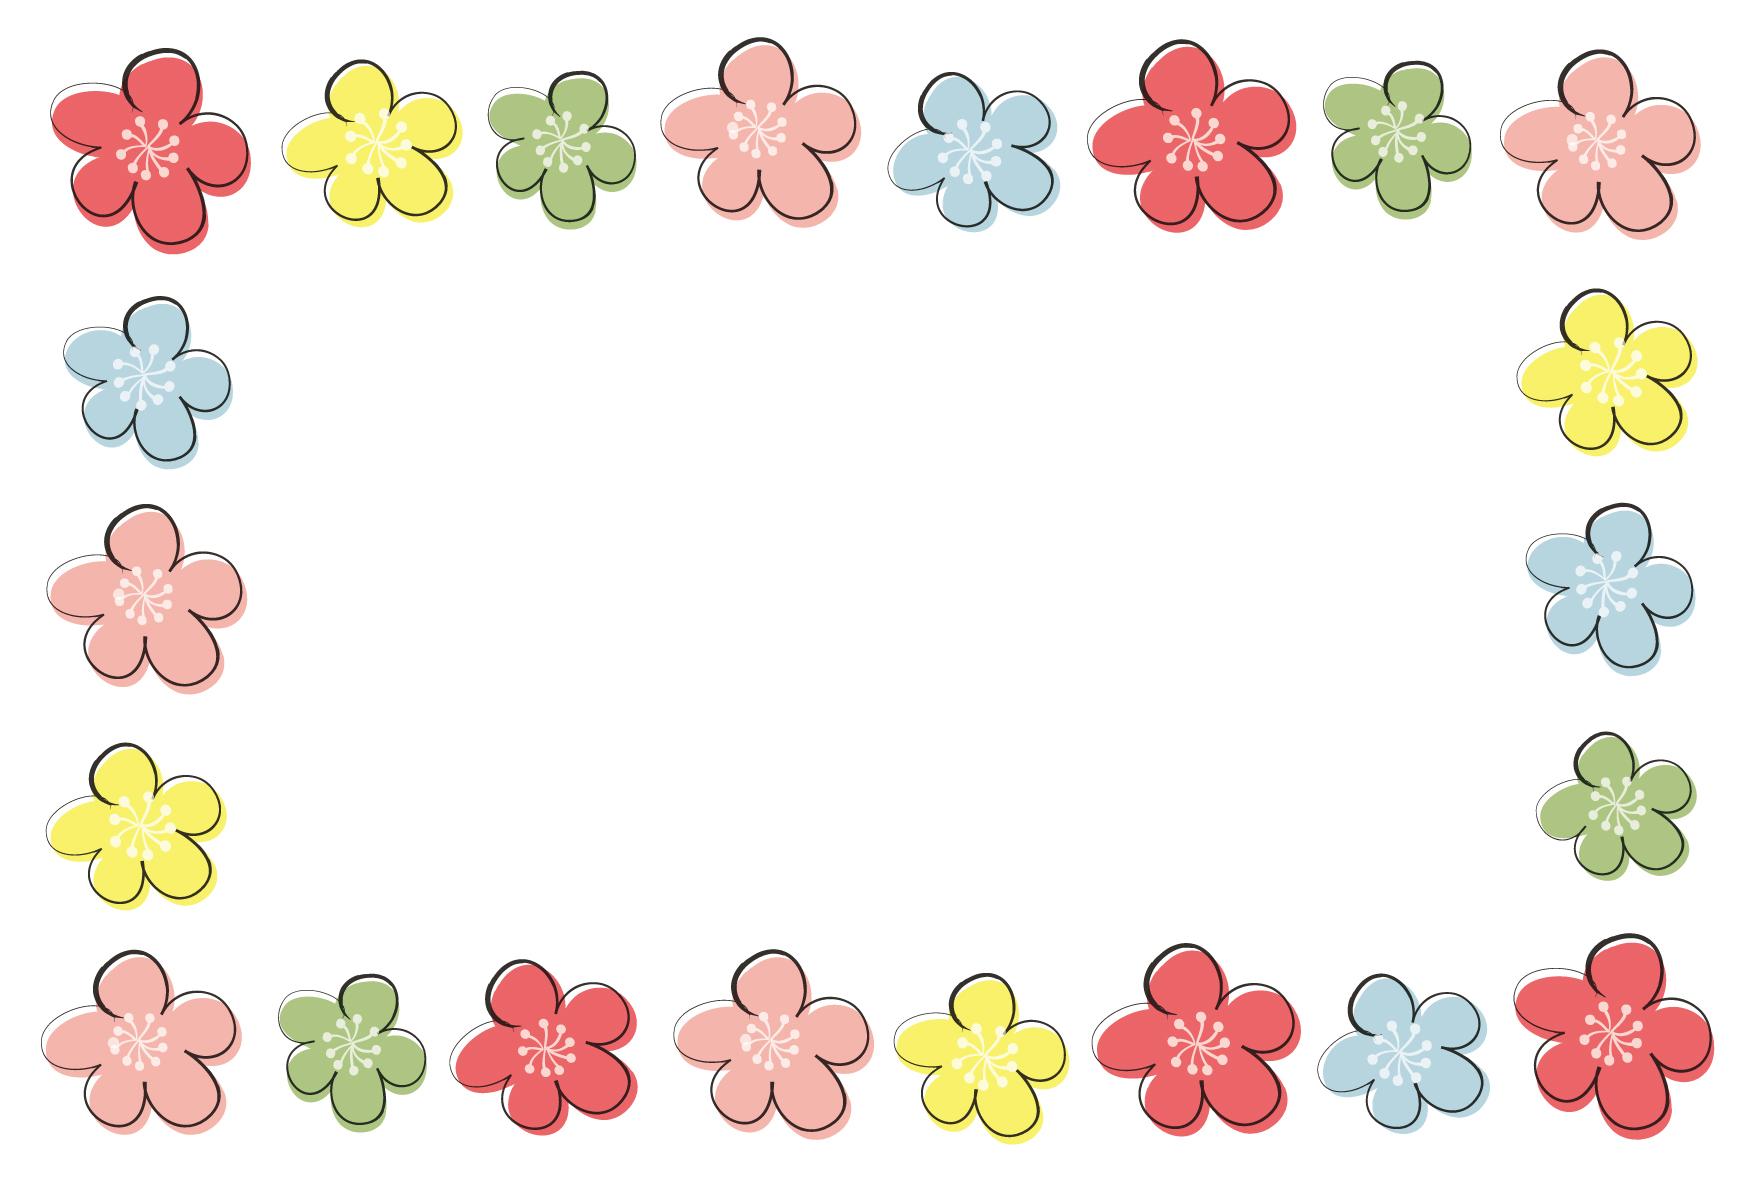 年賀状テンプレート「梅」カラフルな梅のフレームダウンロード|かわいい